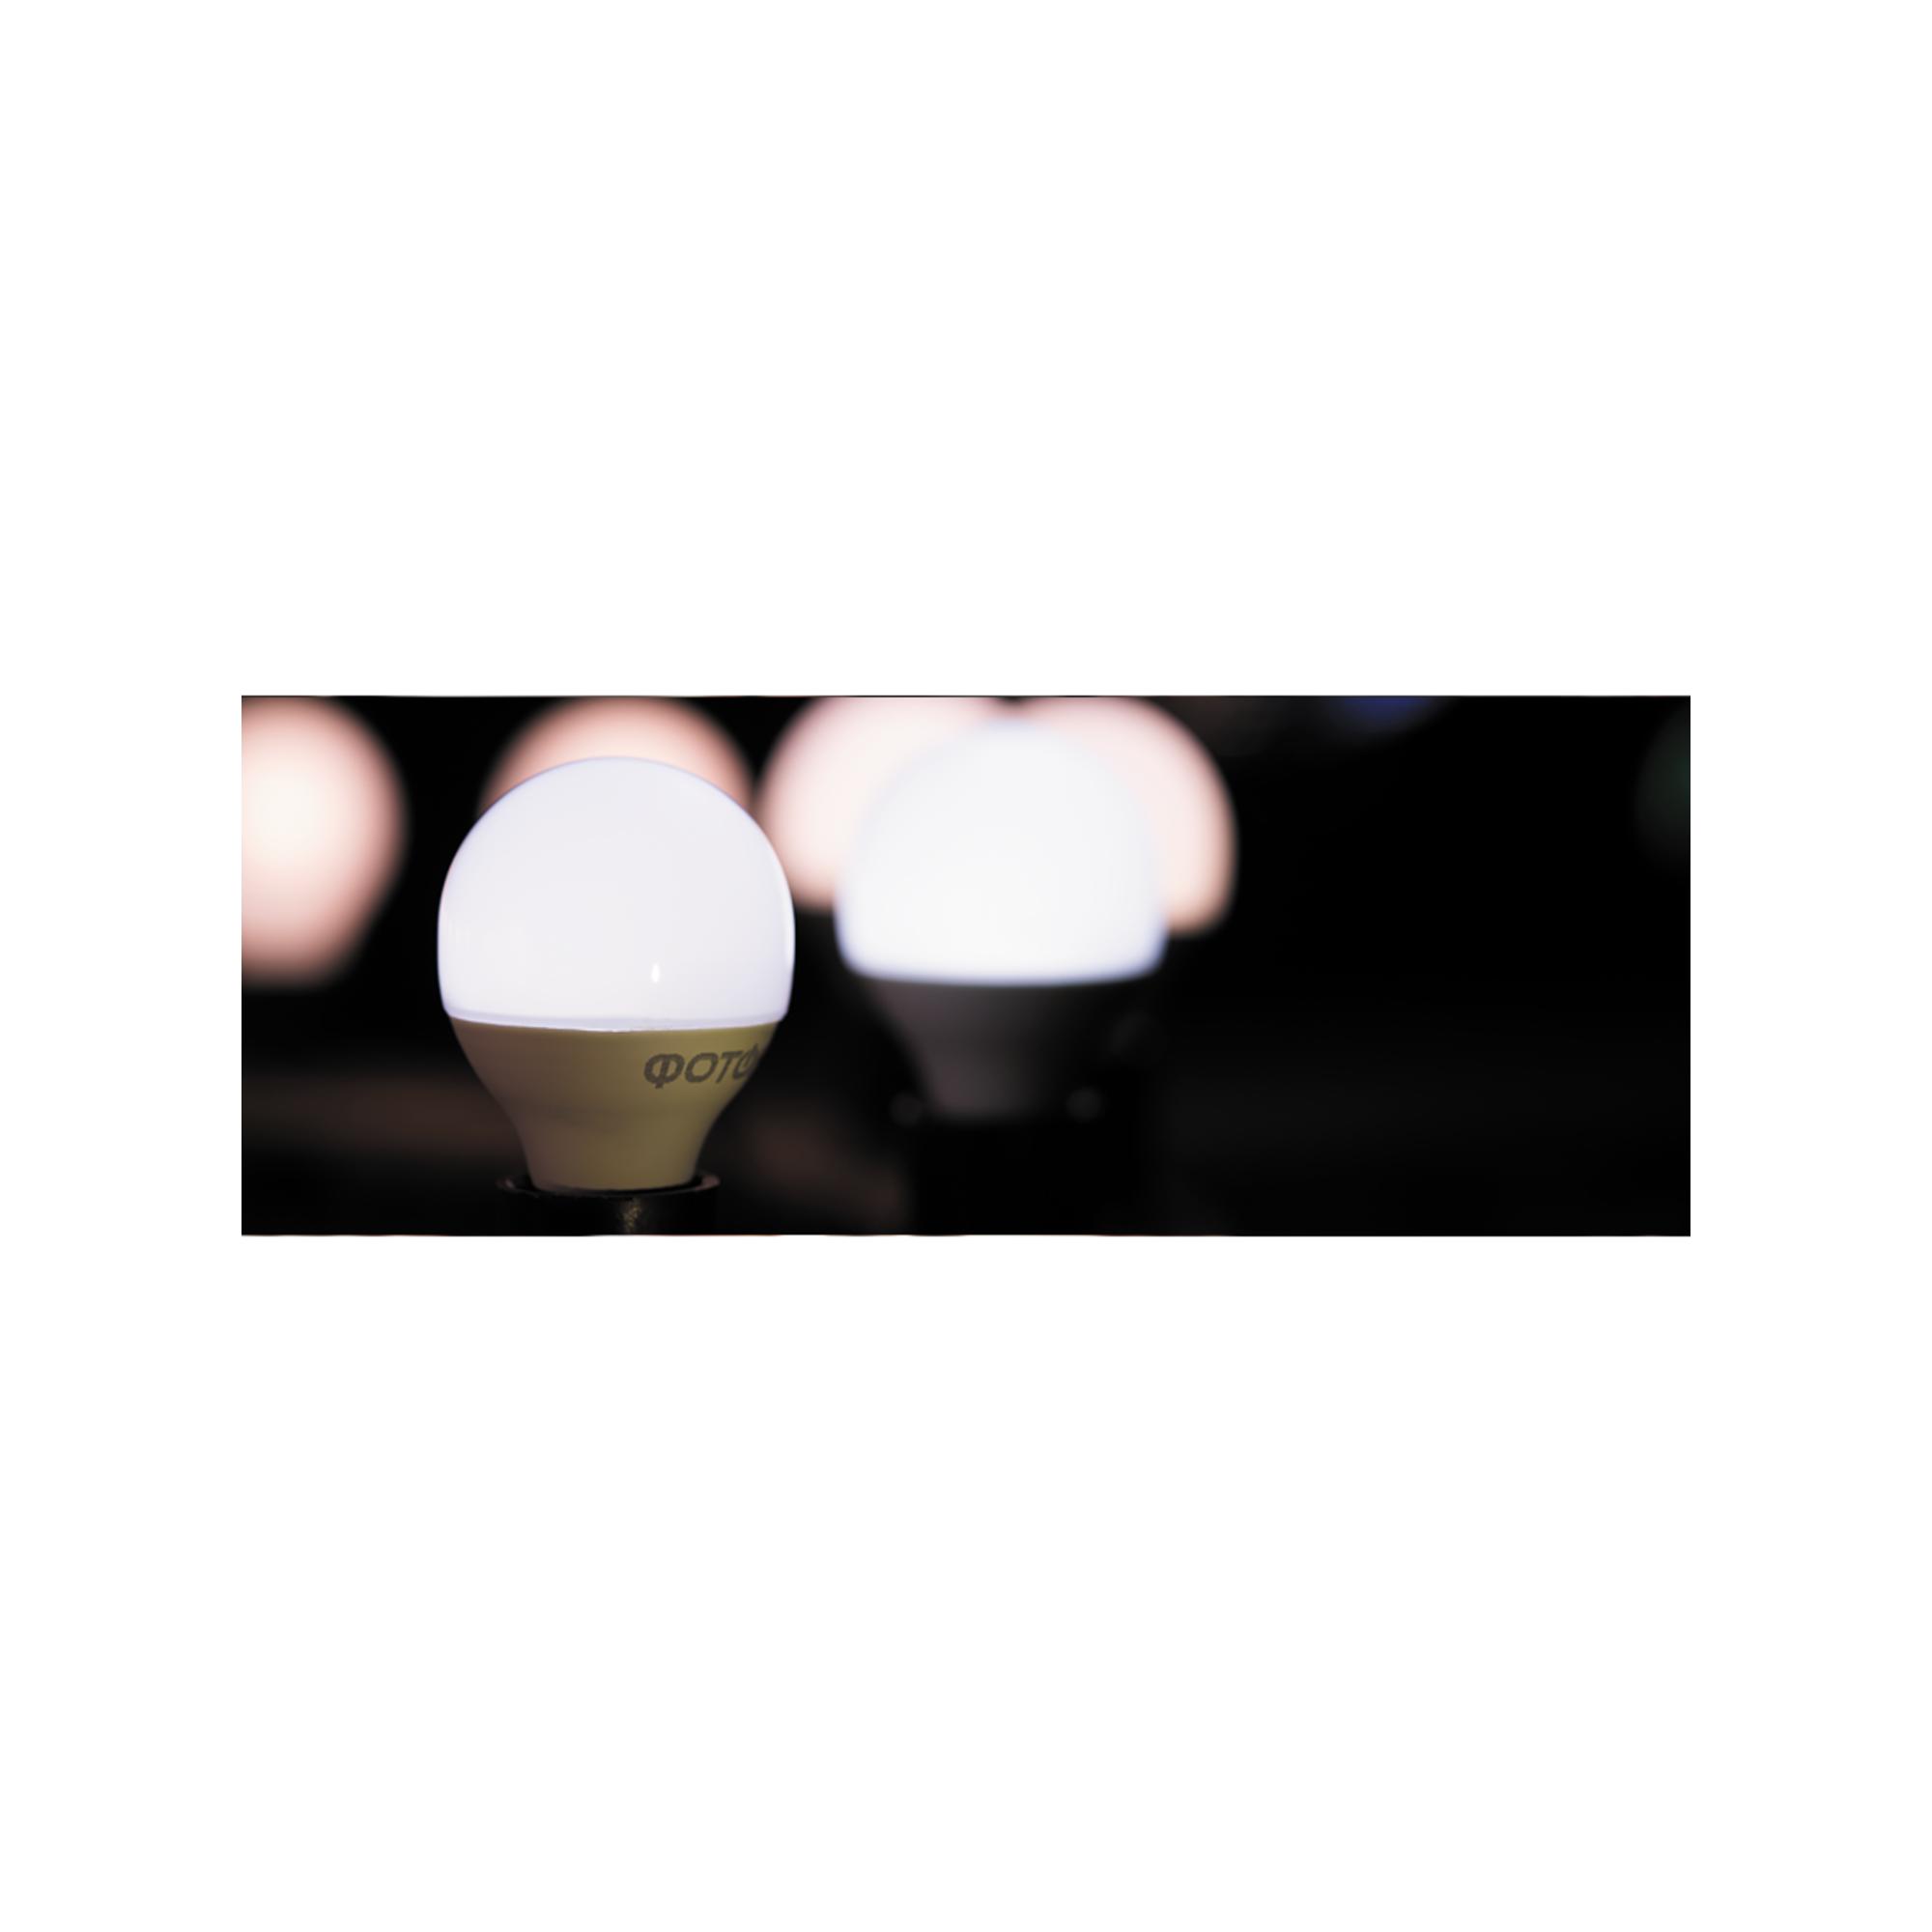 Светодиодная лампочка Фотон 23757 E14 770 Лм 8 Вт